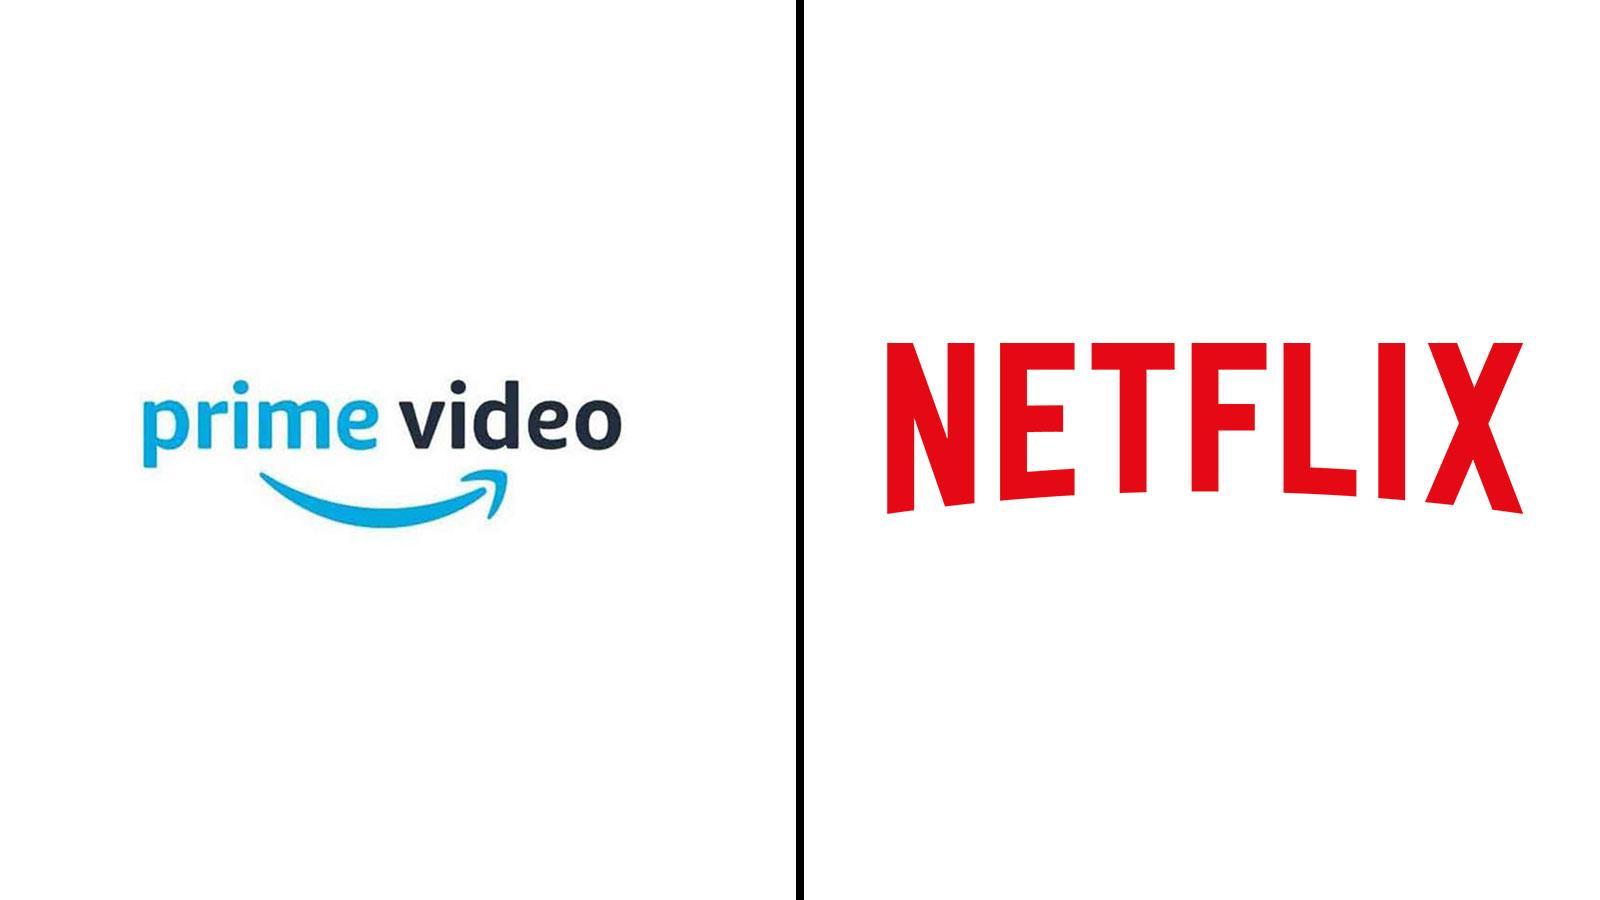 Amazon / netflix